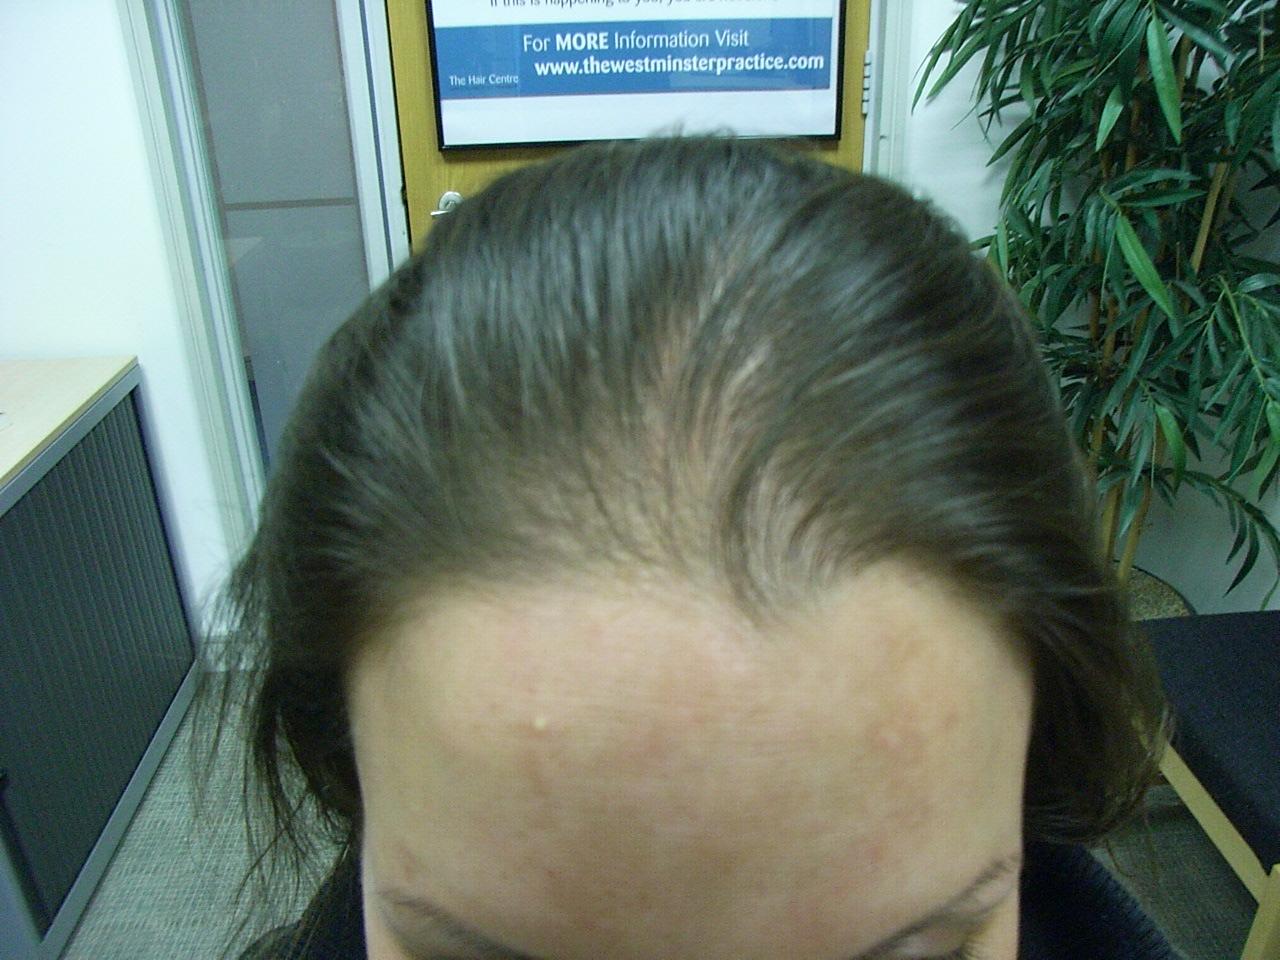 Лечение алопеции (облысения) у женщин: как и чем лечить этот недуг, консервативные и хирургические методы, а также народные средства